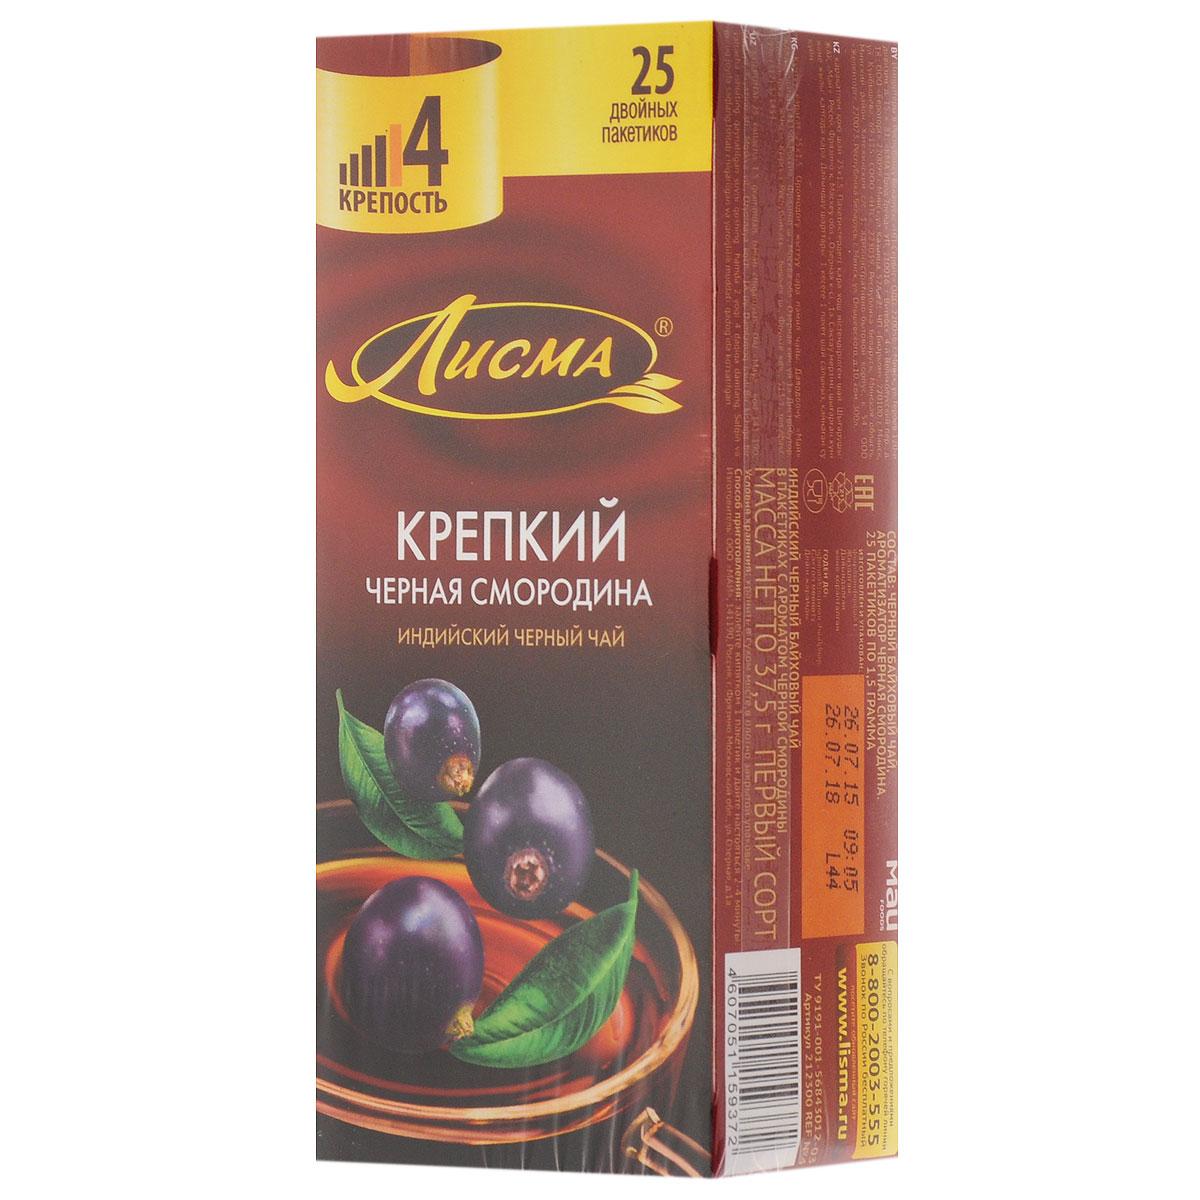 Лисма Крепкий Черная смородина черный чай в пакетиках, 25 шт0120710Лисма Крепкий Черная смородина - индийский черный байховый чай в пакетиках с ароматом черной смородины.